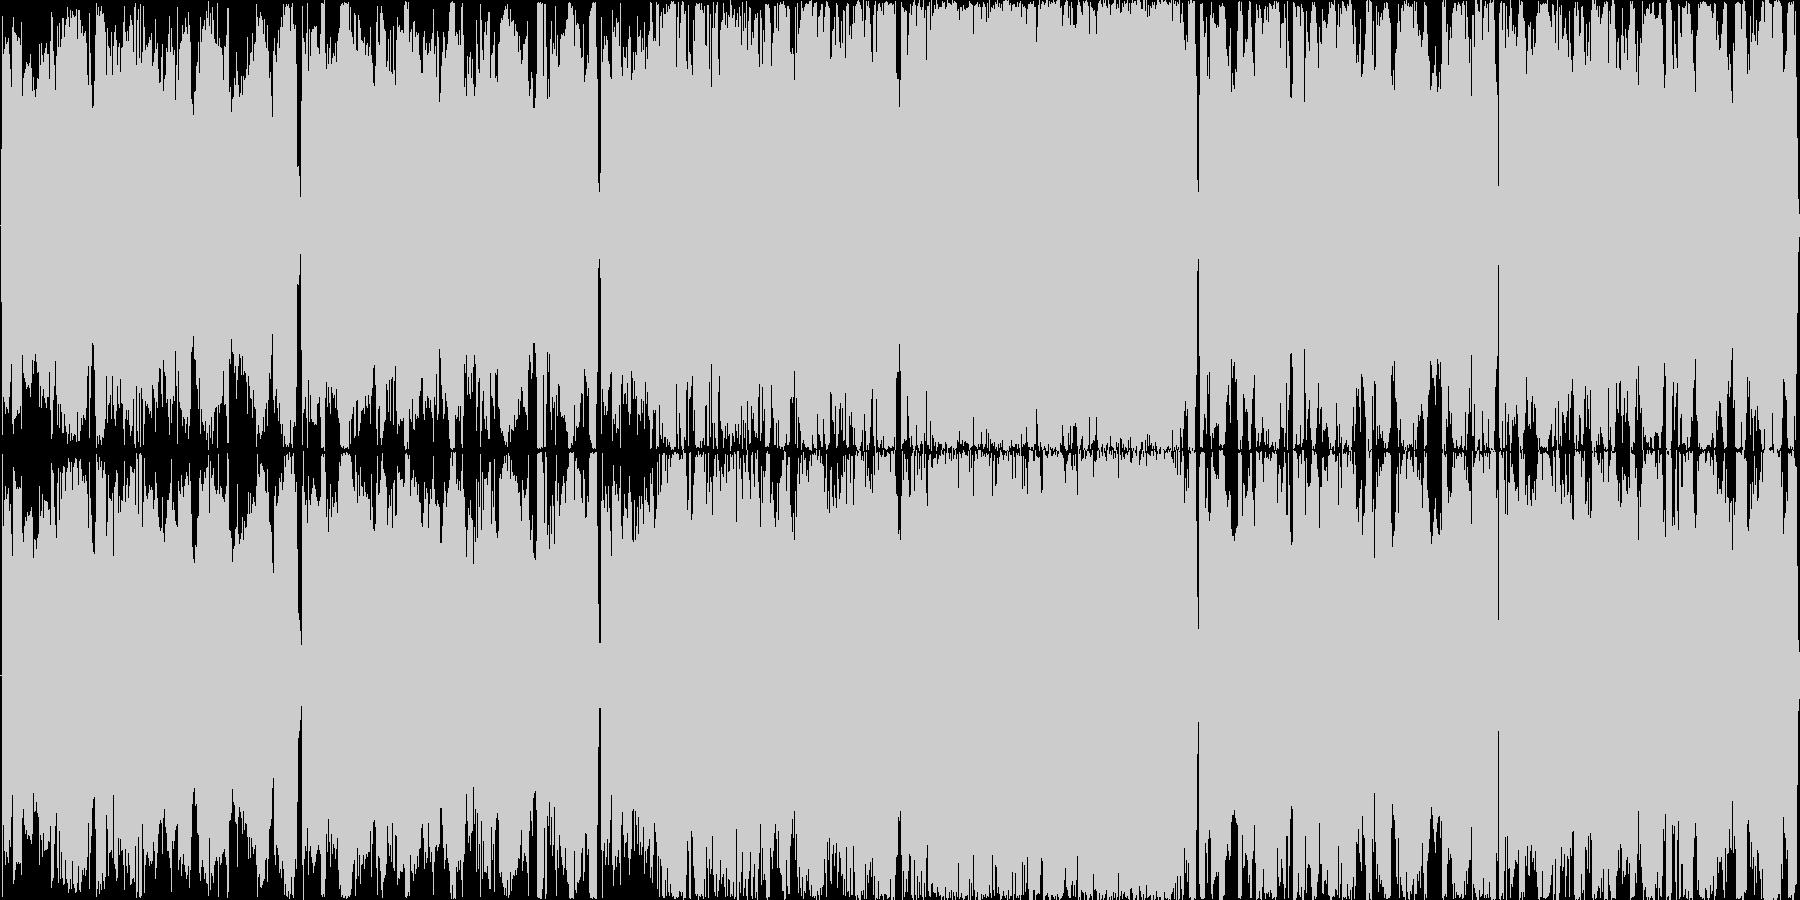 【サイバーロック/オープニング】の未再生の波形